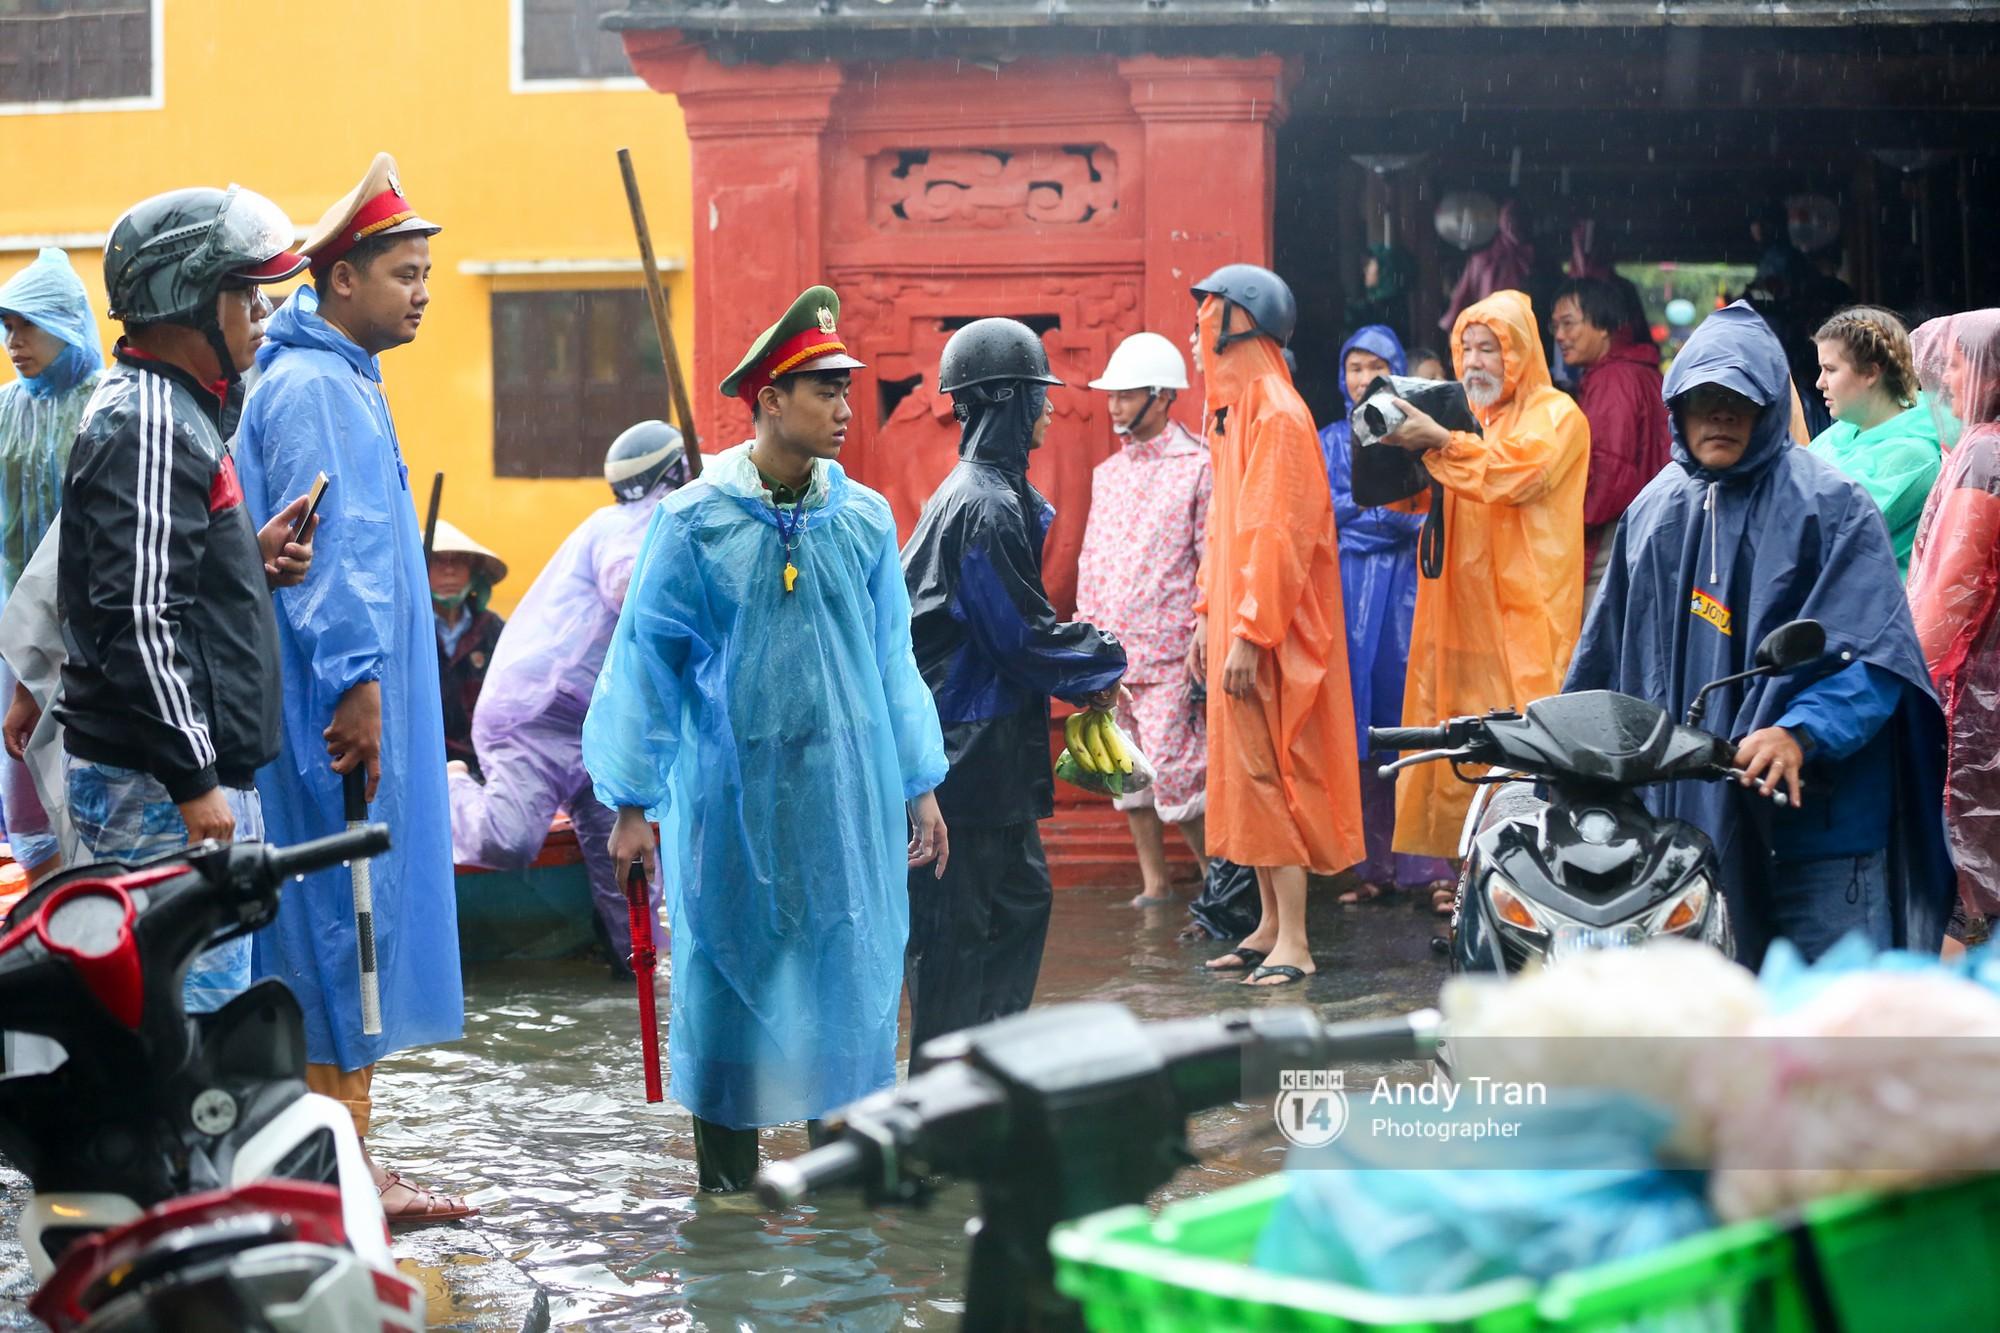 Chùm ảnh: Hội An nước ngập thành sông do ảnh hưởng của bão, người dân và du khách chật vật dùng thuyền bè di chuyển - Ảnh 18.